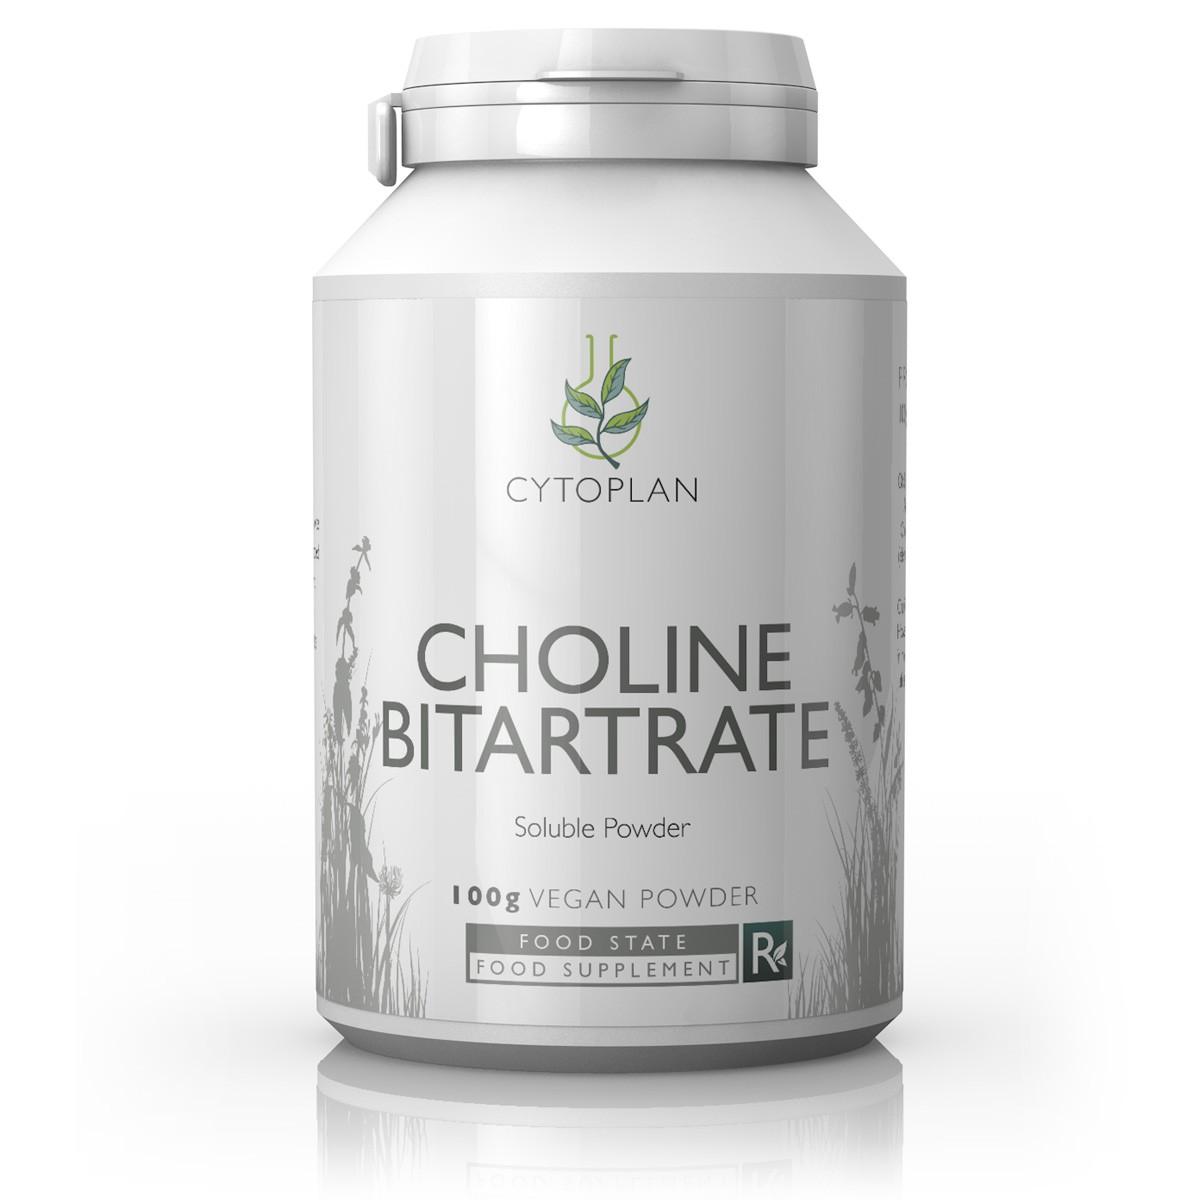 Choline Bitartrate 100g